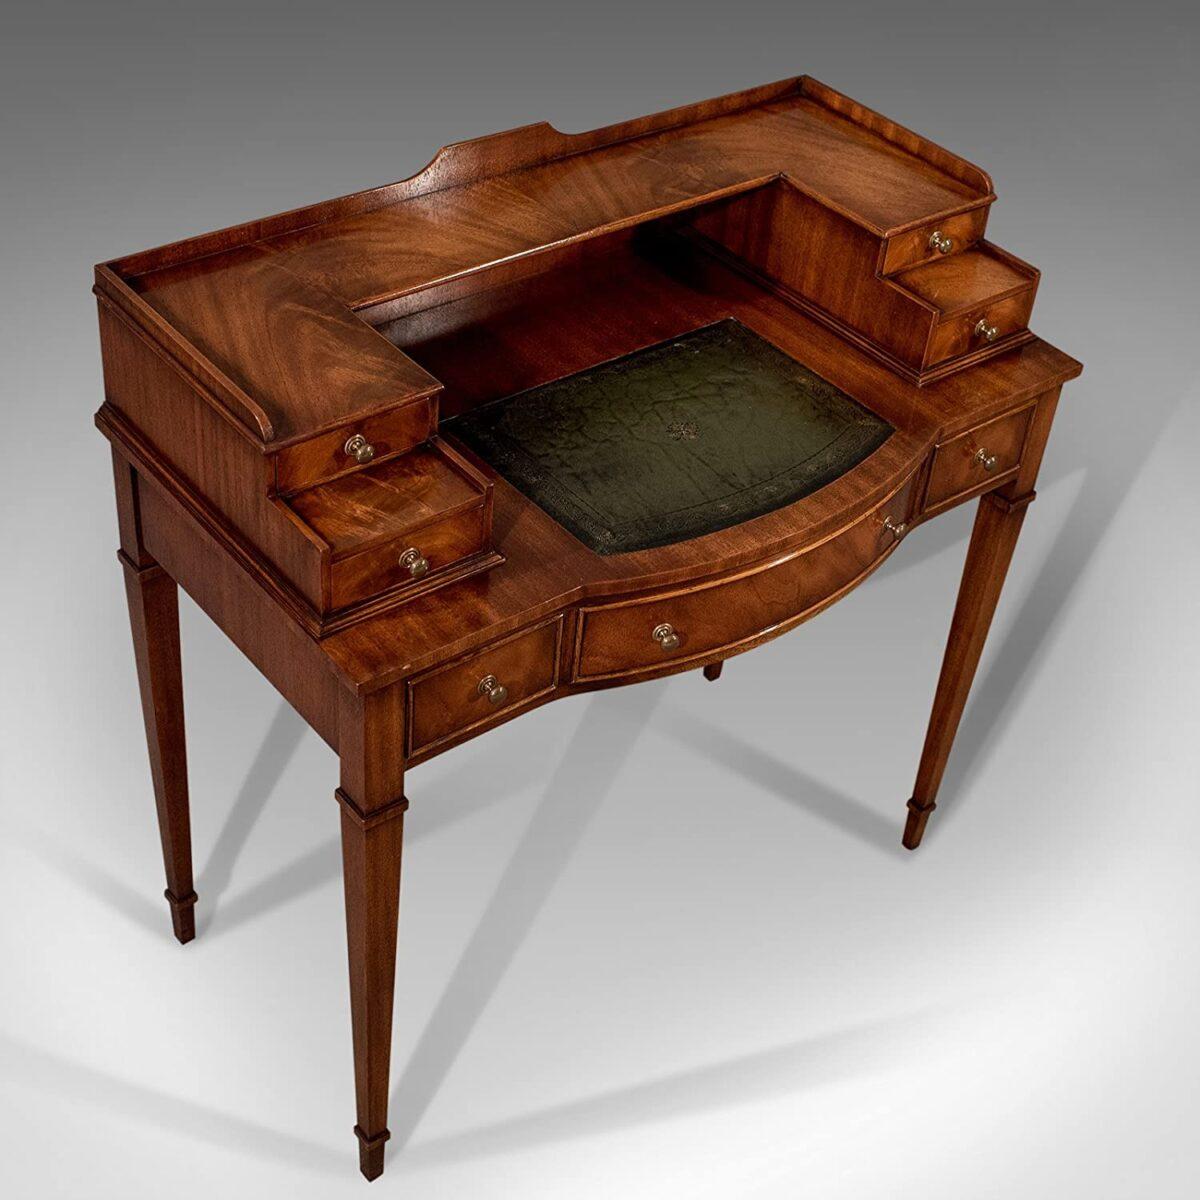 stile-coloniale-10-mobili-che-non-possono-mancare